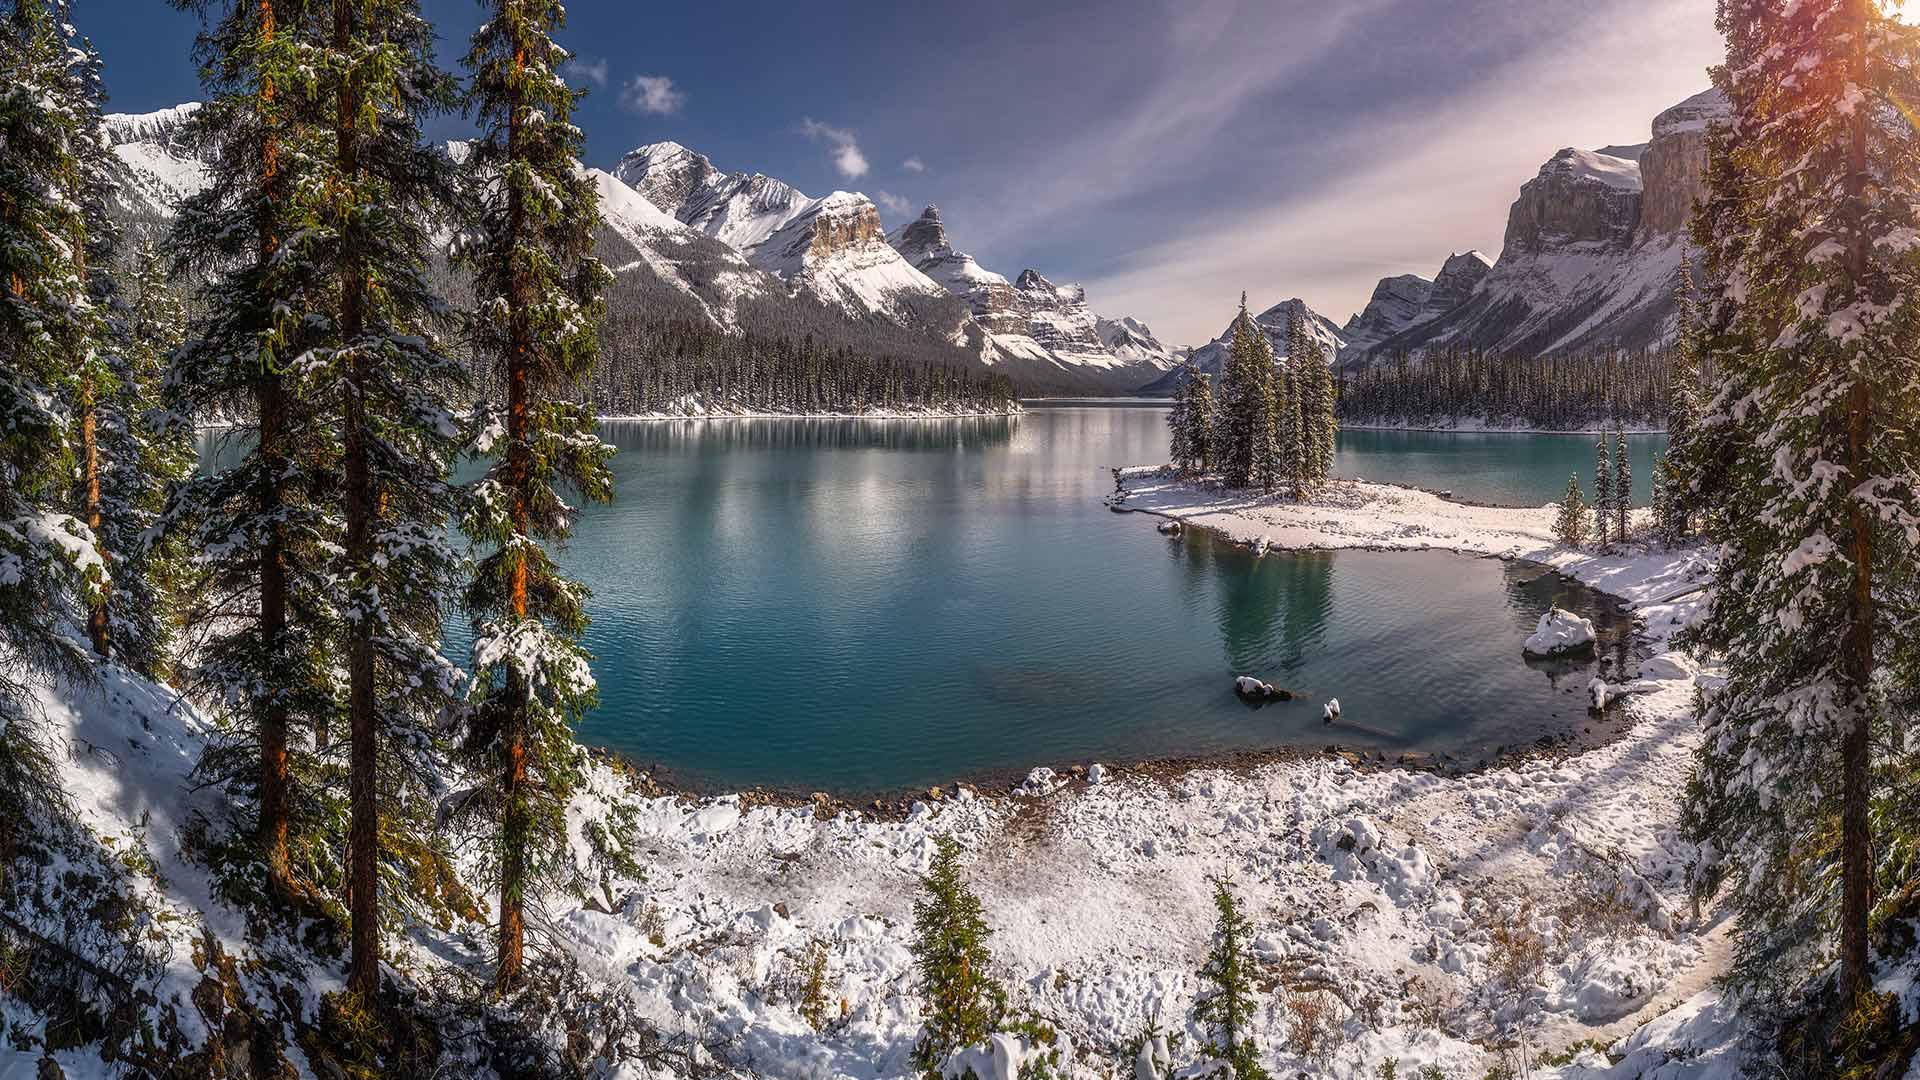 风景大片,冰天雪地,湖,安静,雪山,树林